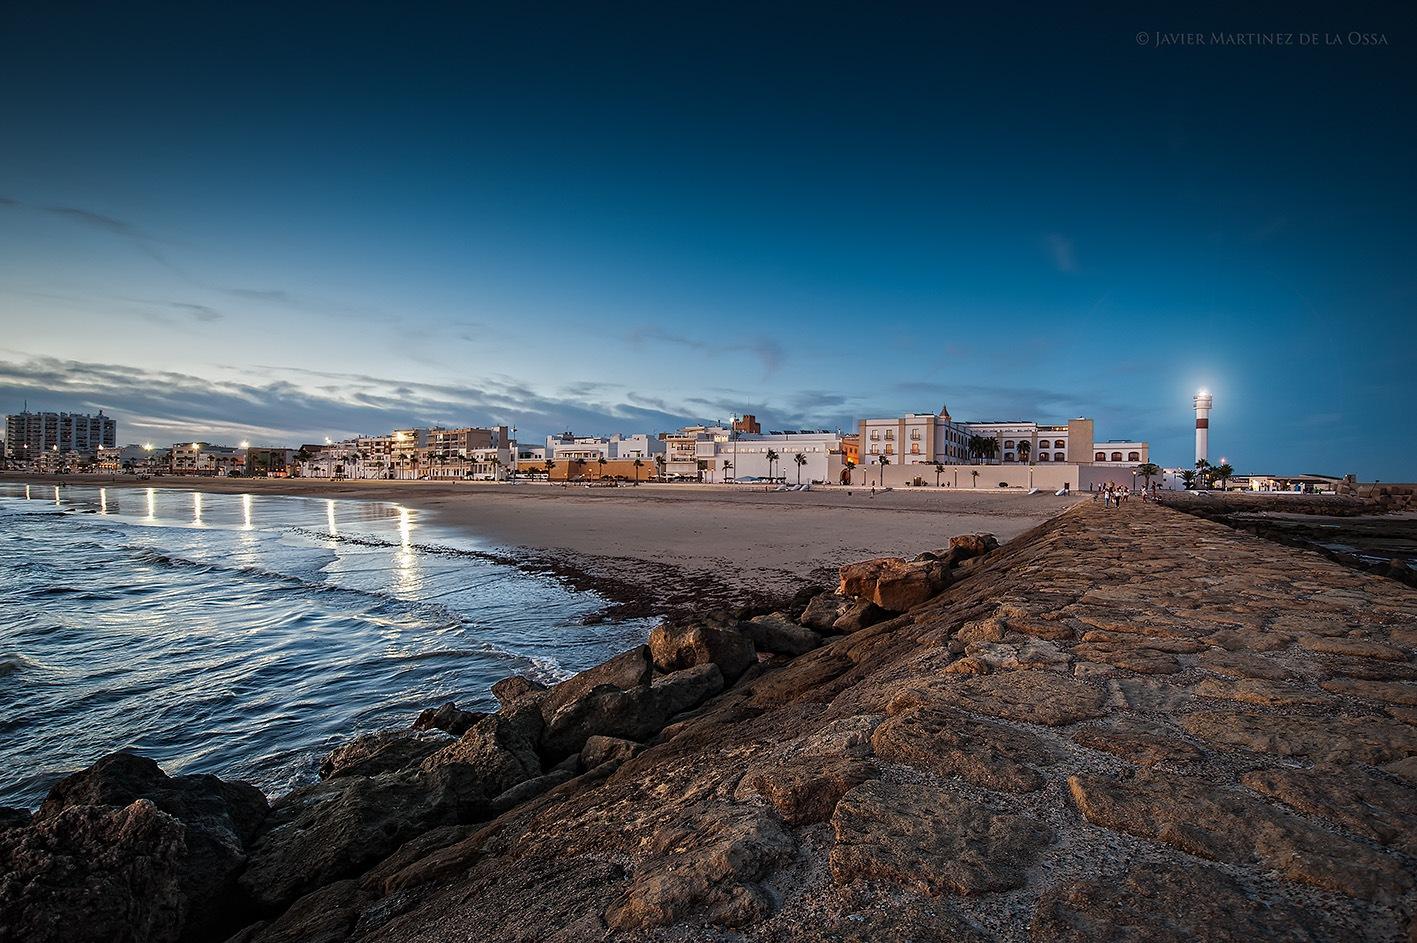 El Faro de Rota by Javier Martinez de la Ossa